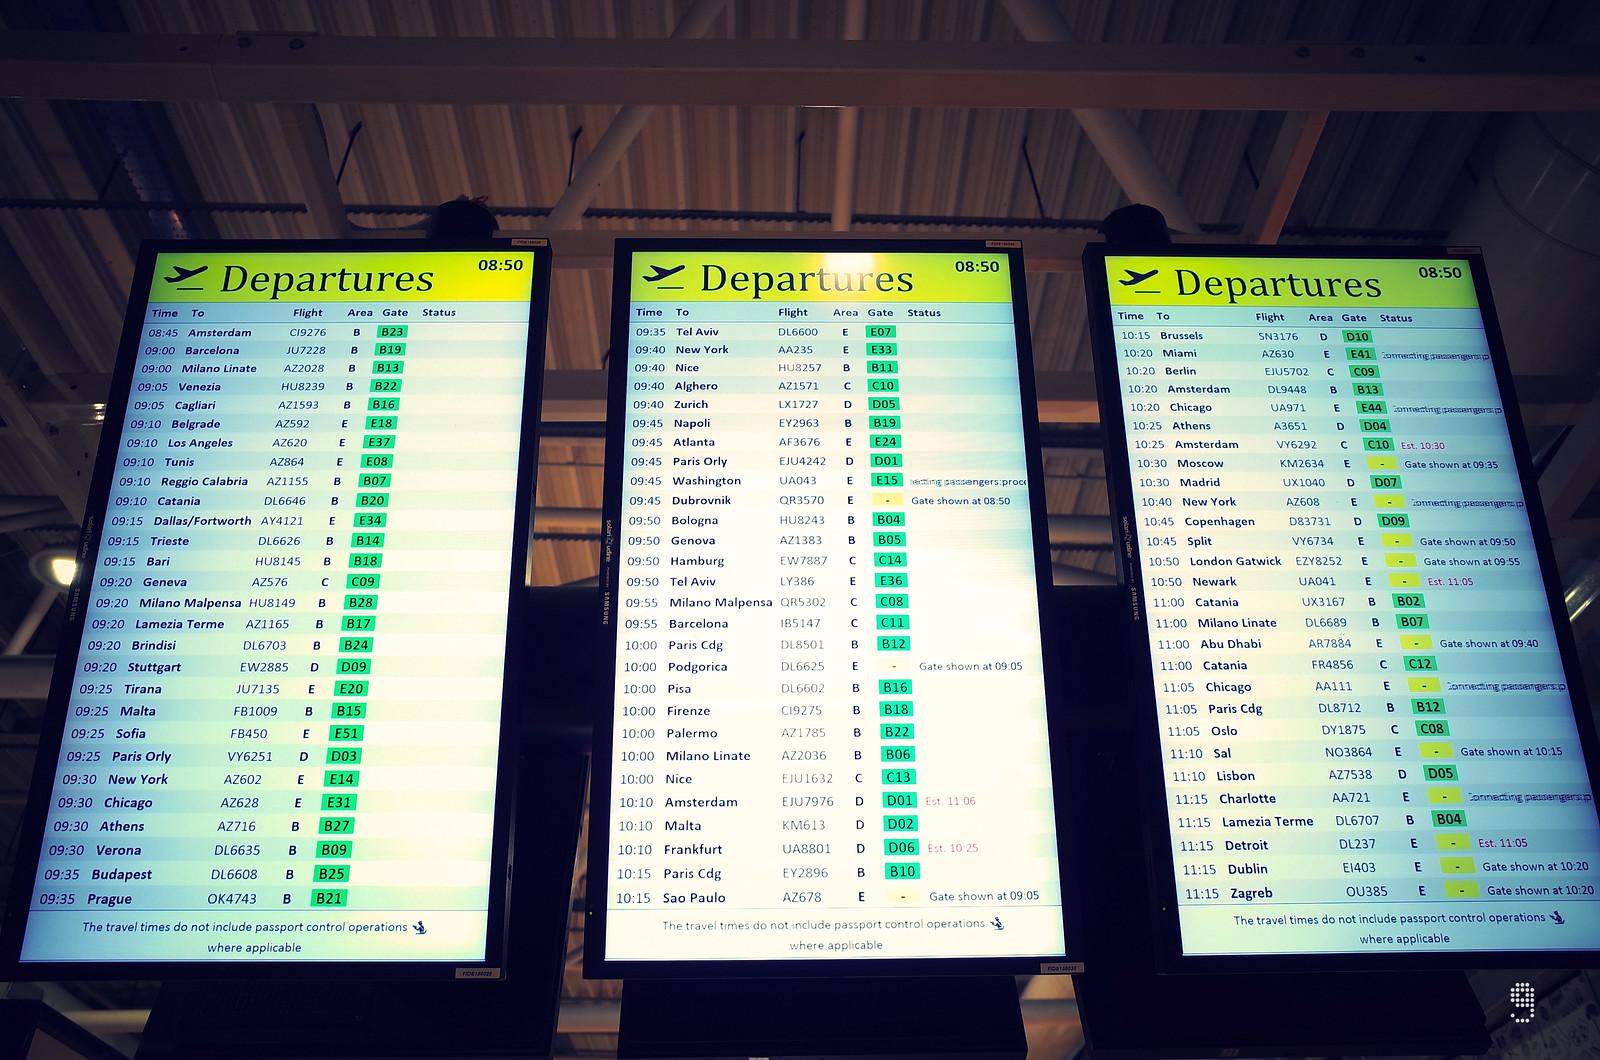 一號客運樓始發的航班大多前往歐洲各地